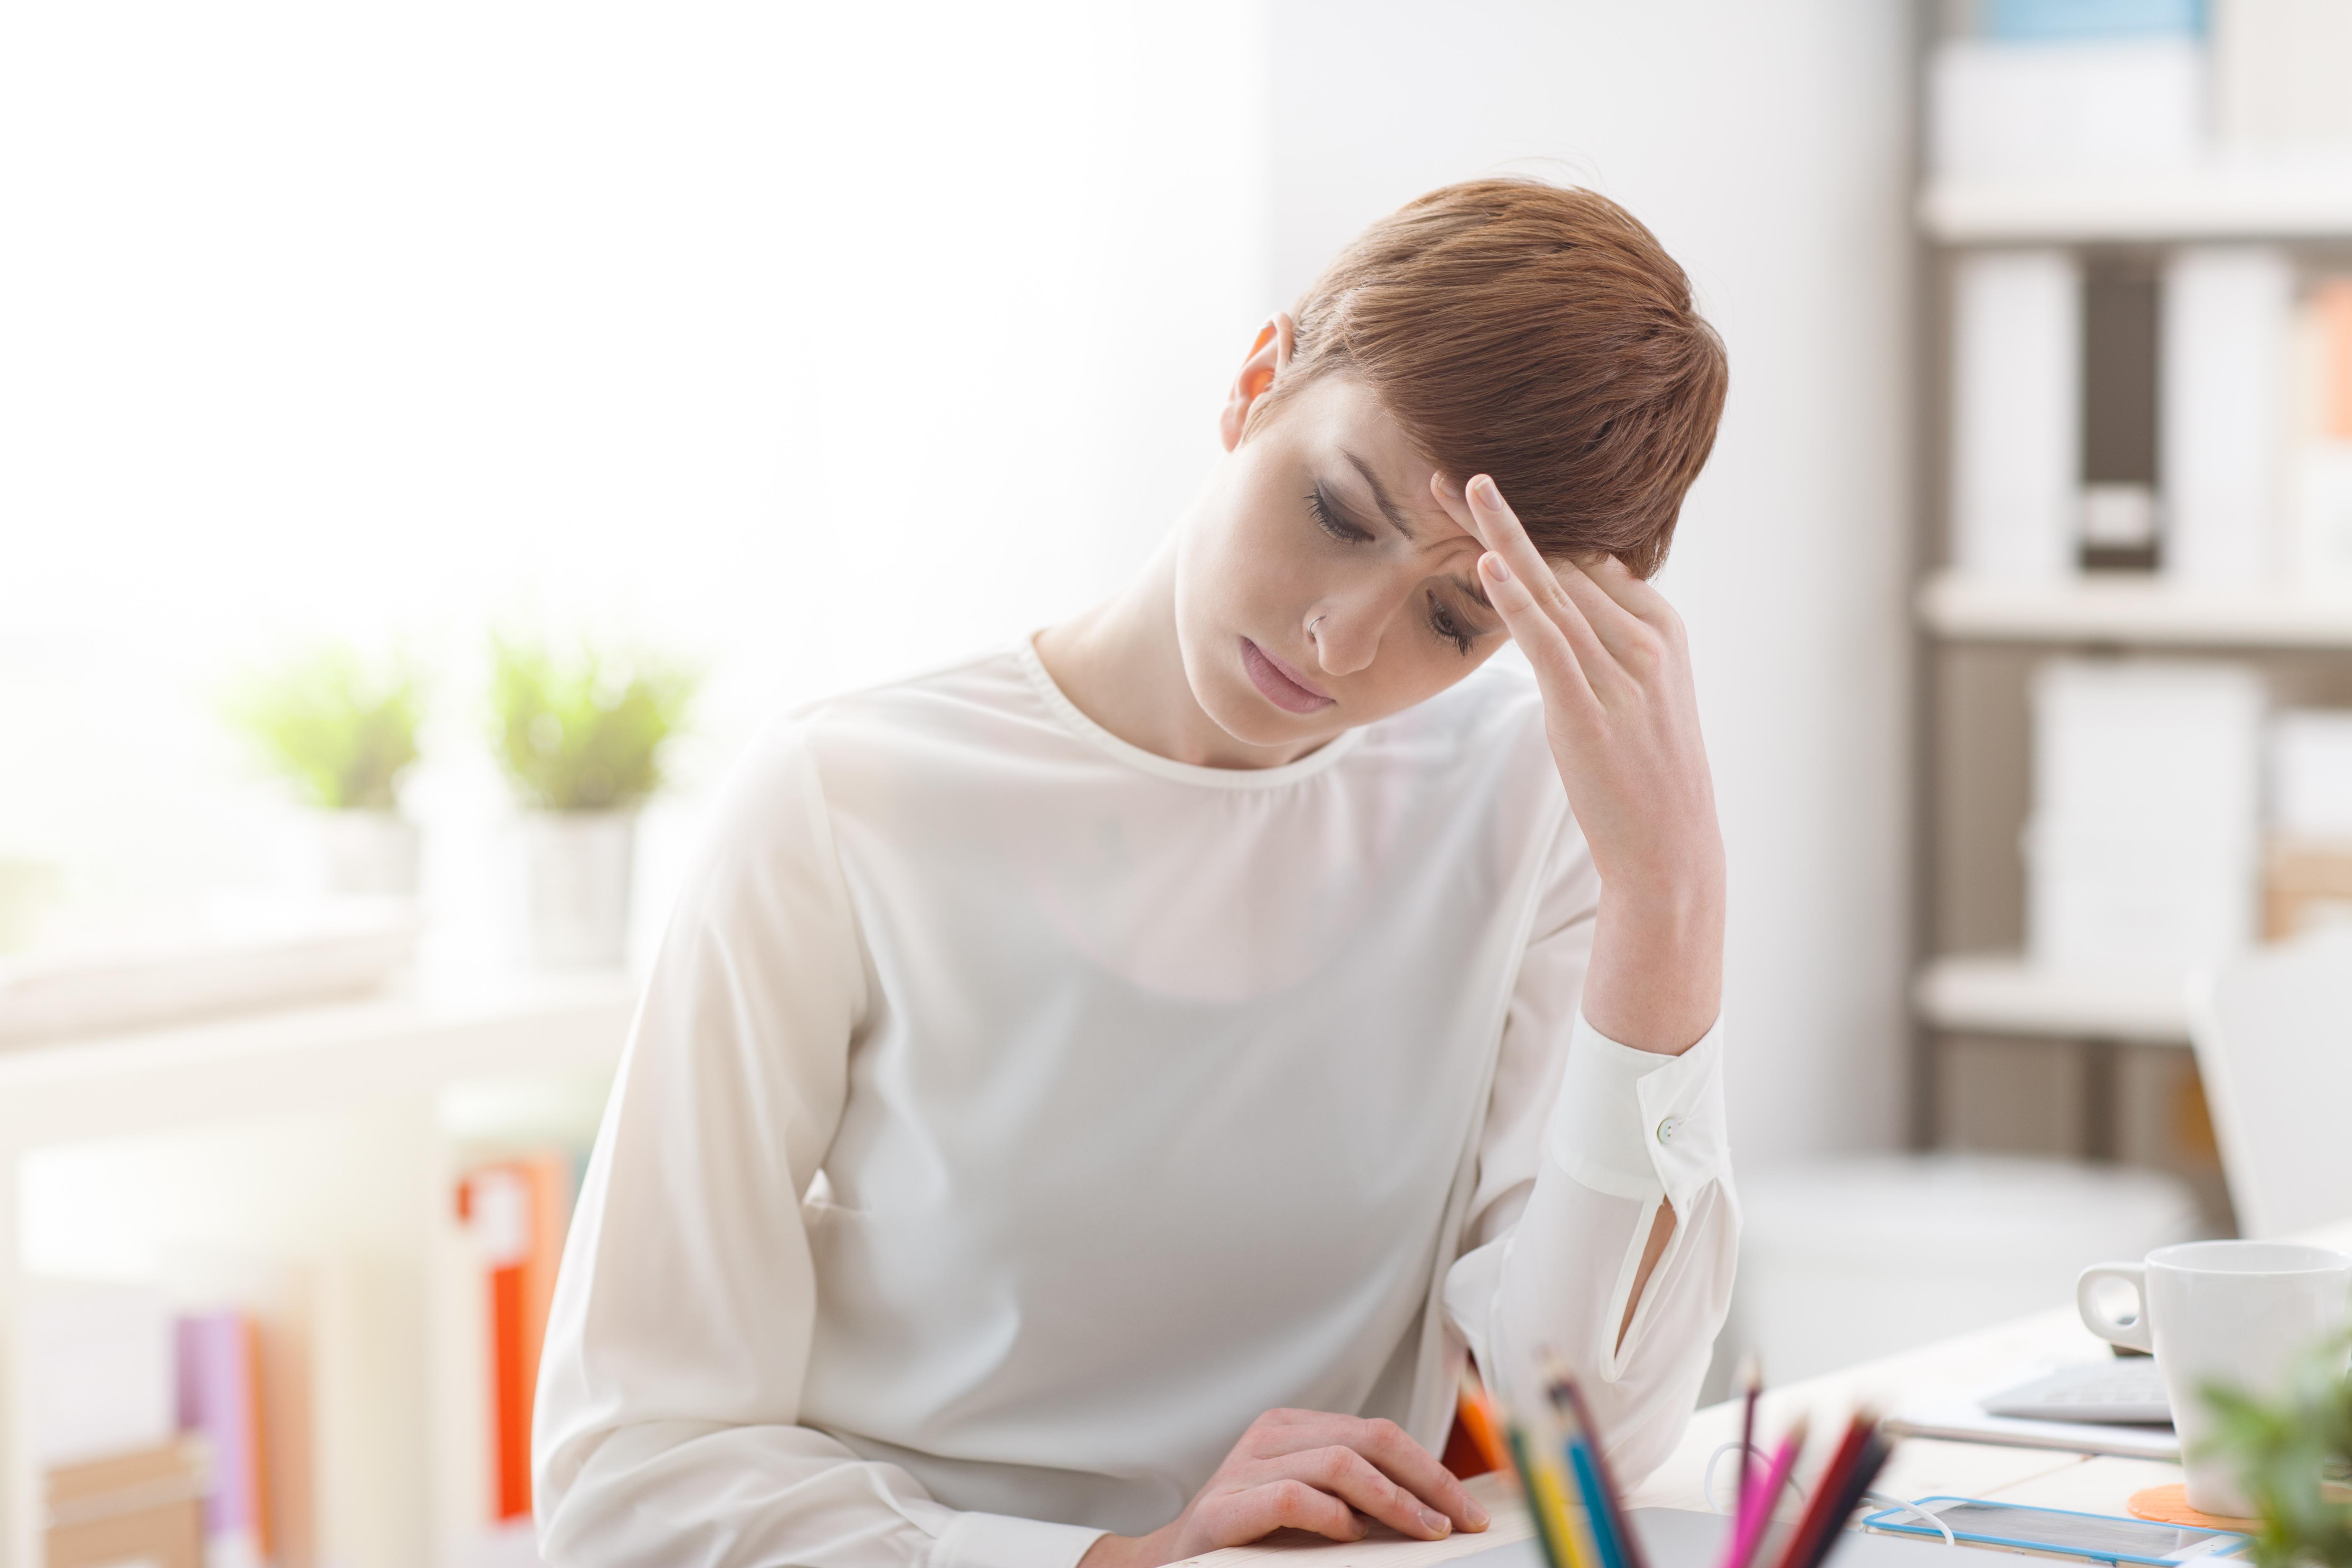 Att gå till jobbet trots att man känner att man egentligen borde vara hemma och sjuskriven blir allt vanligare på landets arbetsplatser.